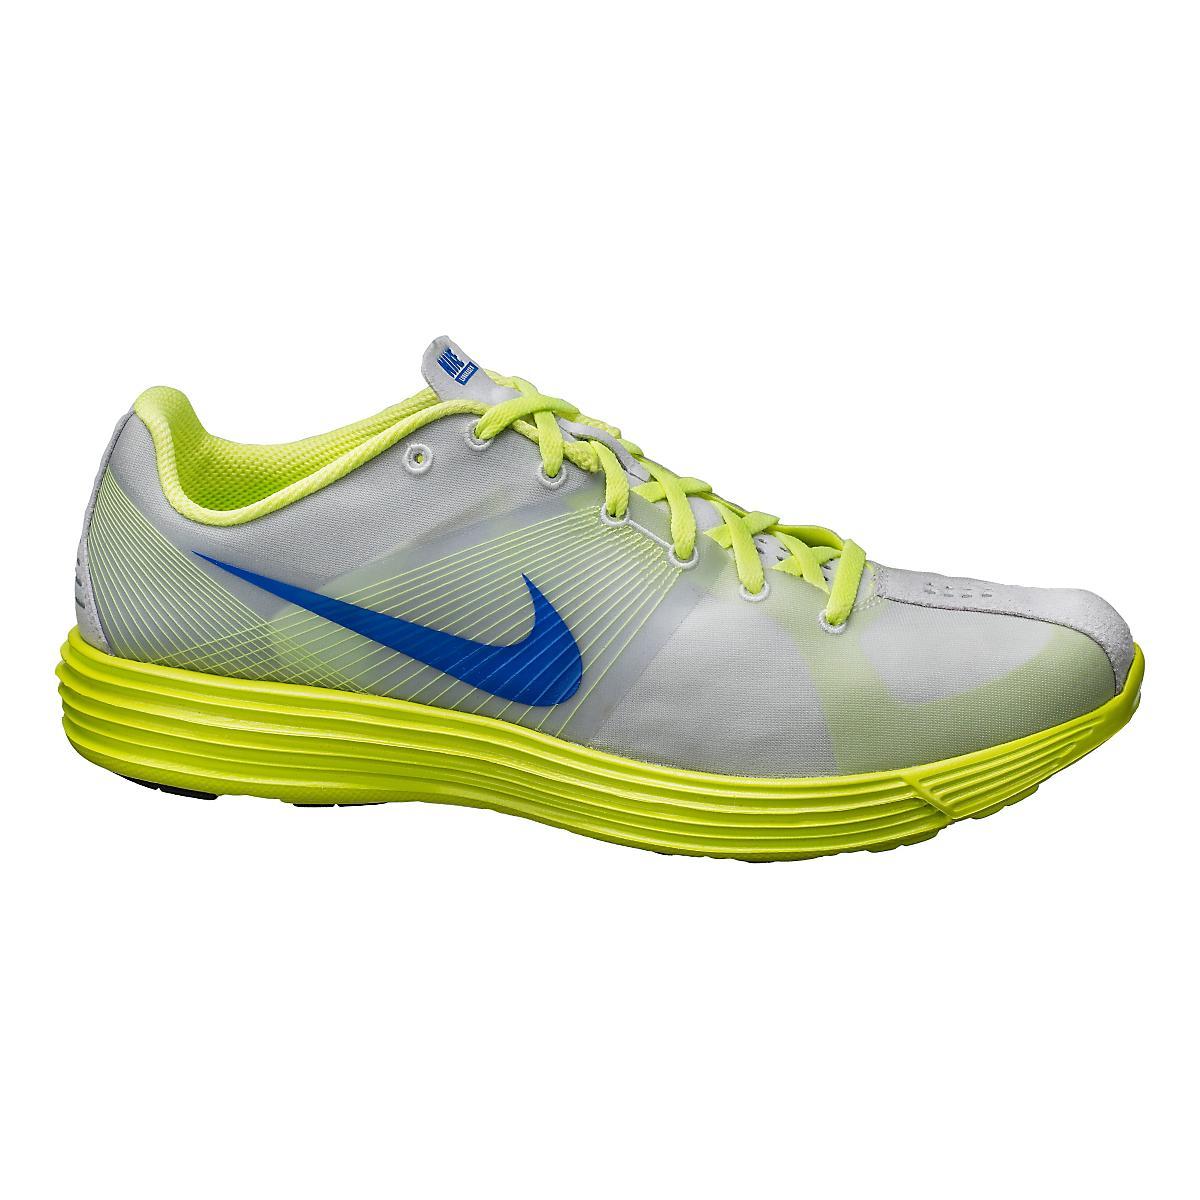 Mens Nike LunaRacer+ Racing Shoe at Road Runner Sports 1c91b9ec6